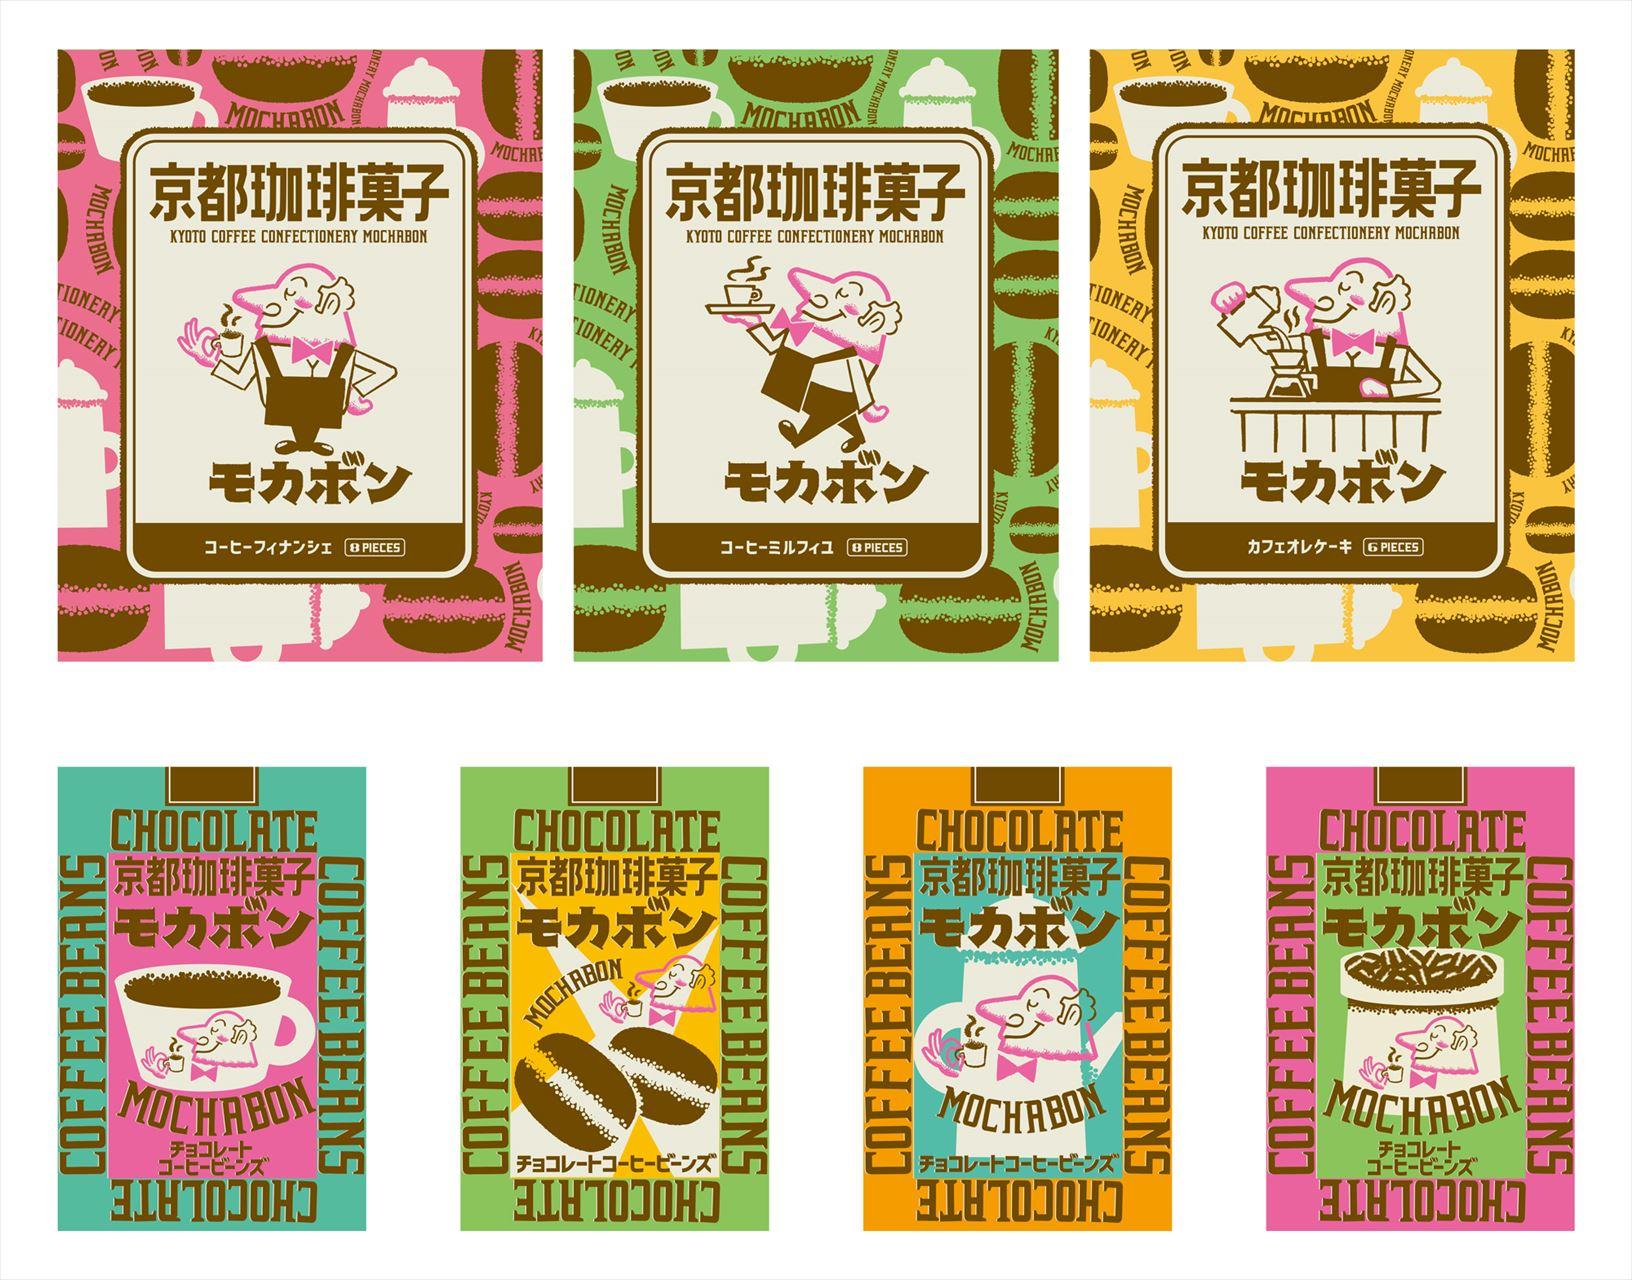 京都珈琲菓子 モカボン